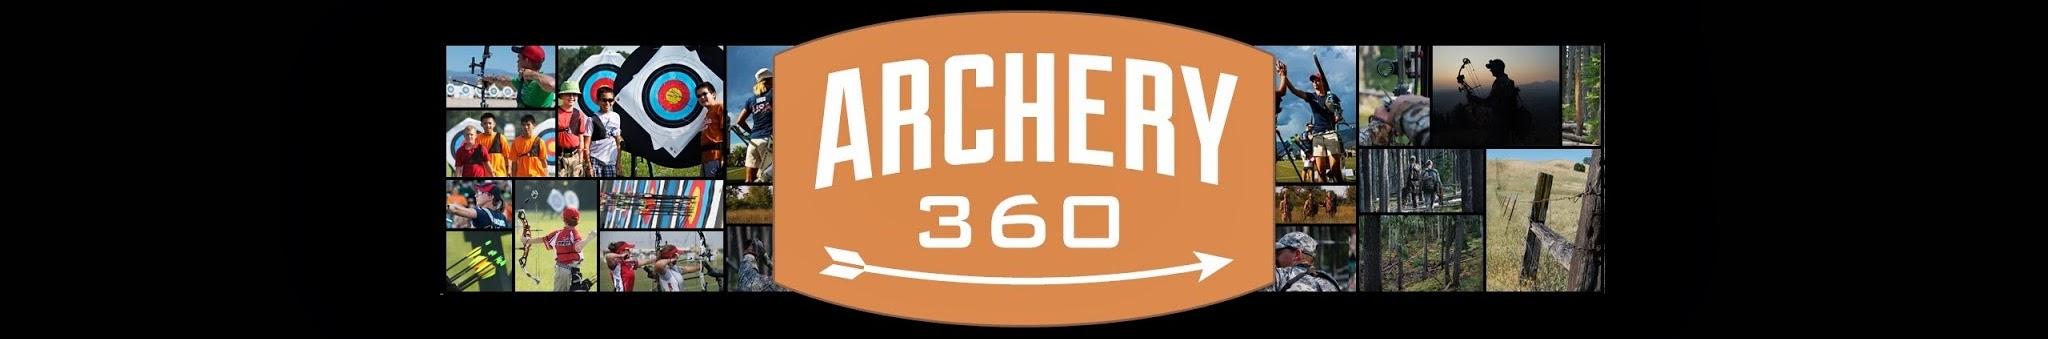 Archery 360 - YouTube